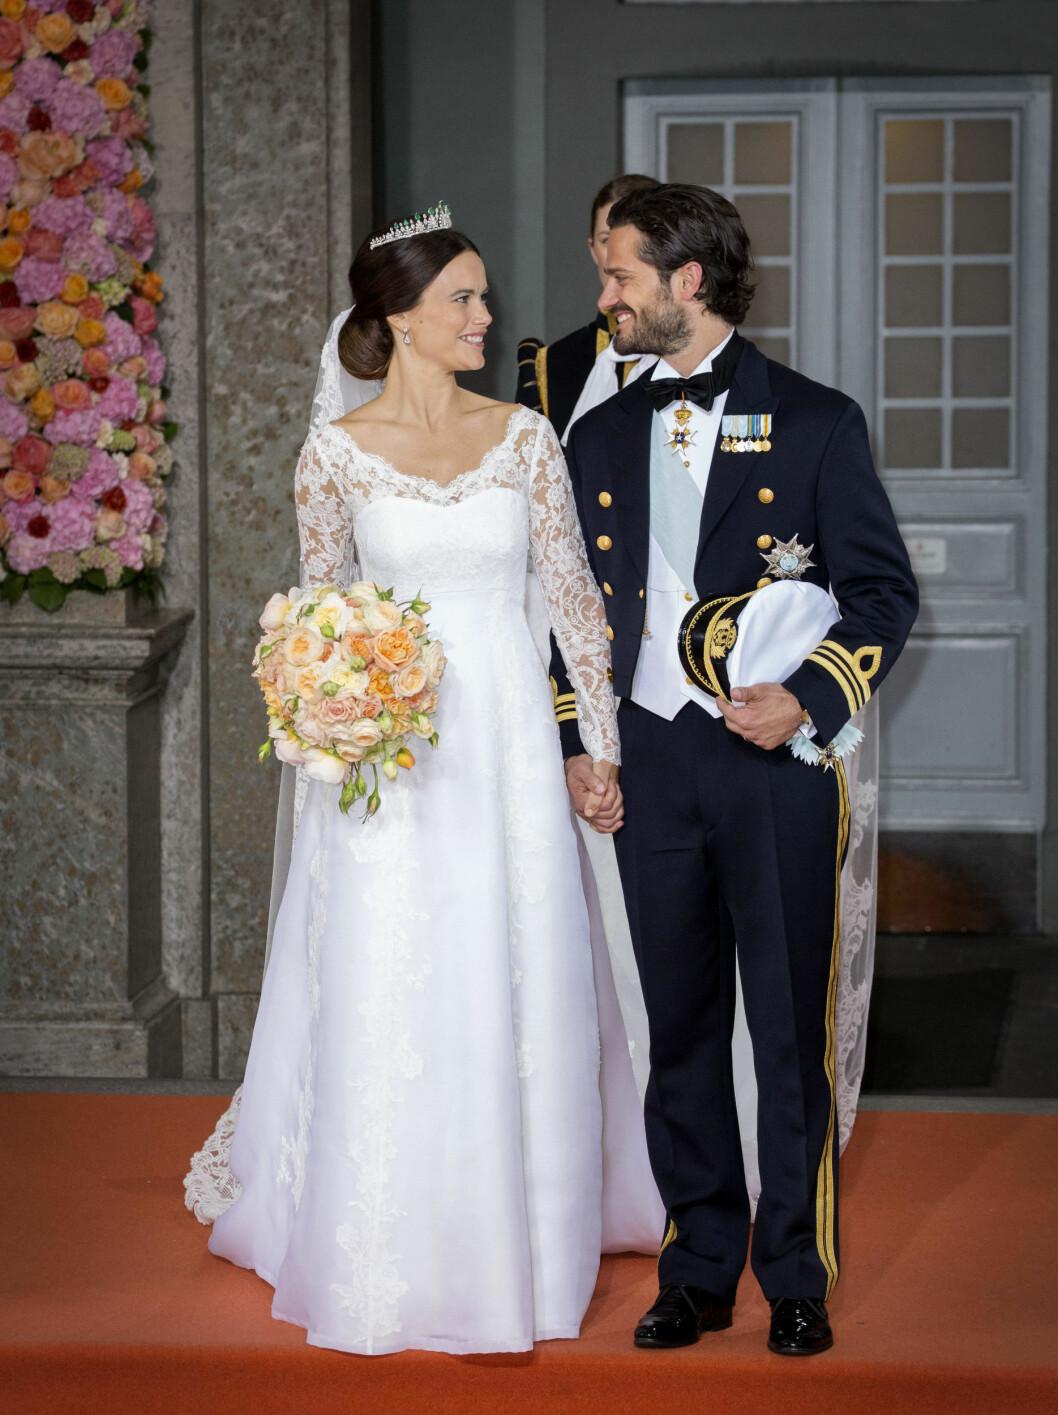 NY PRINSESSE: I sommer fikk Sverige en ny prinsesse da tidligere Paradise Hotel-deltaker Sofia Hellqvist giftet seg med prins Carl Philip.  Foto: Danapress